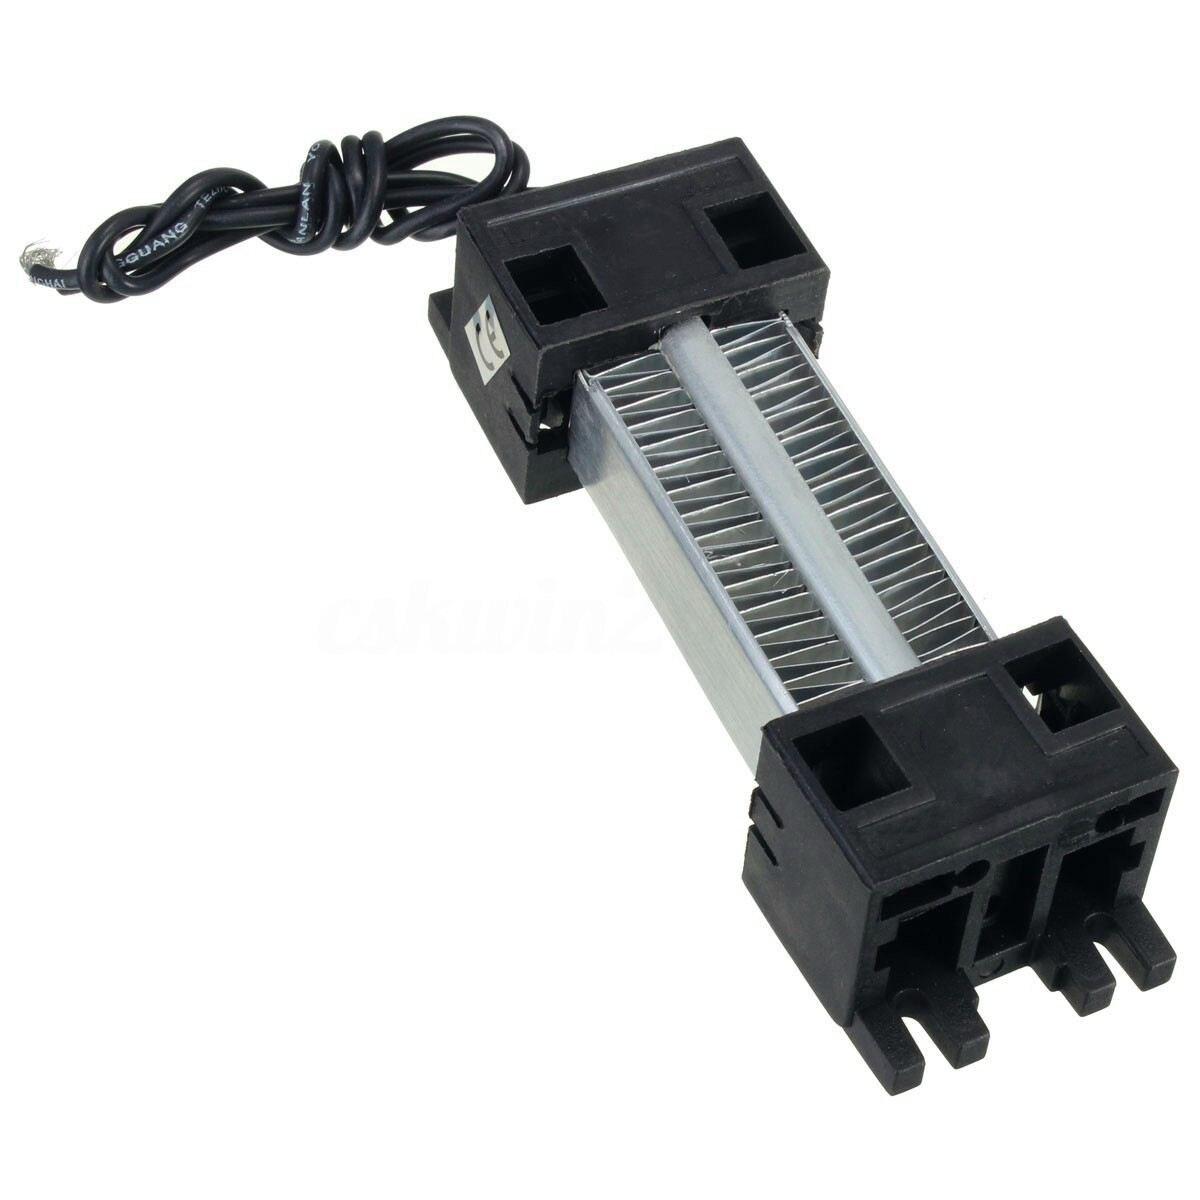 100w 220v Electric Heater Insulated Ptc Ceramic Air Heater